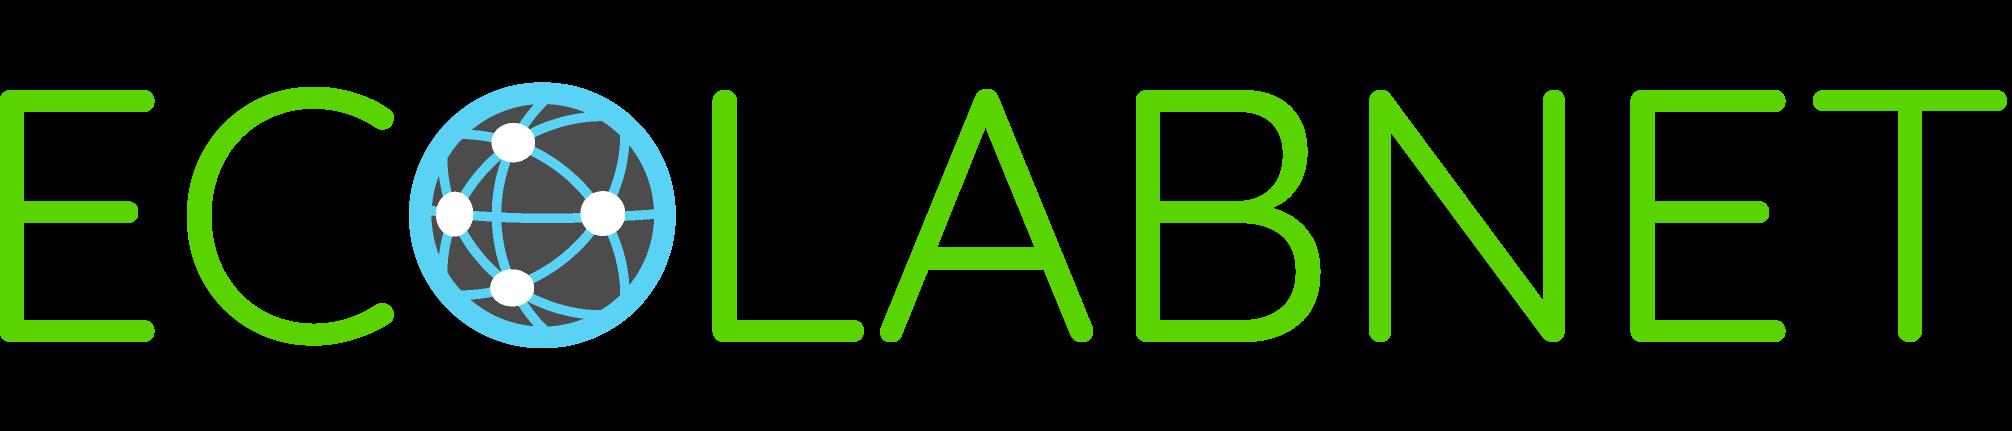 Ecolabnet1